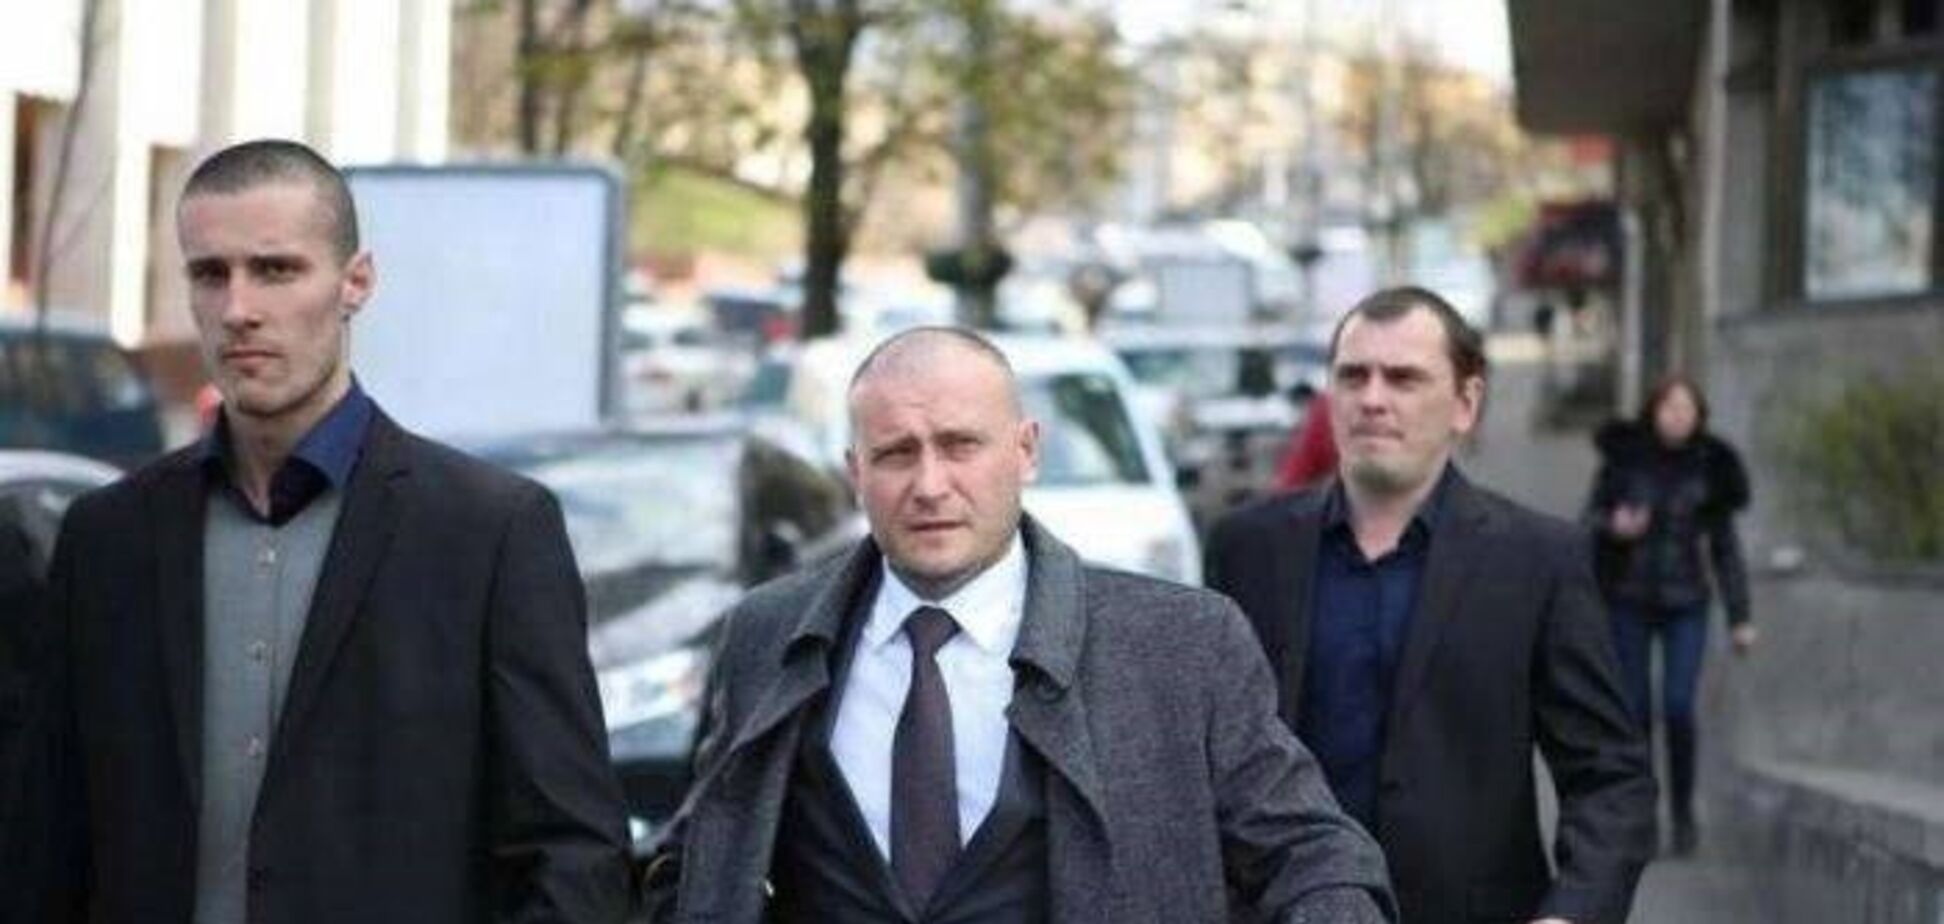 Звинуватили в екстремізмі: в Росії посадили екс-охоронця Яроша